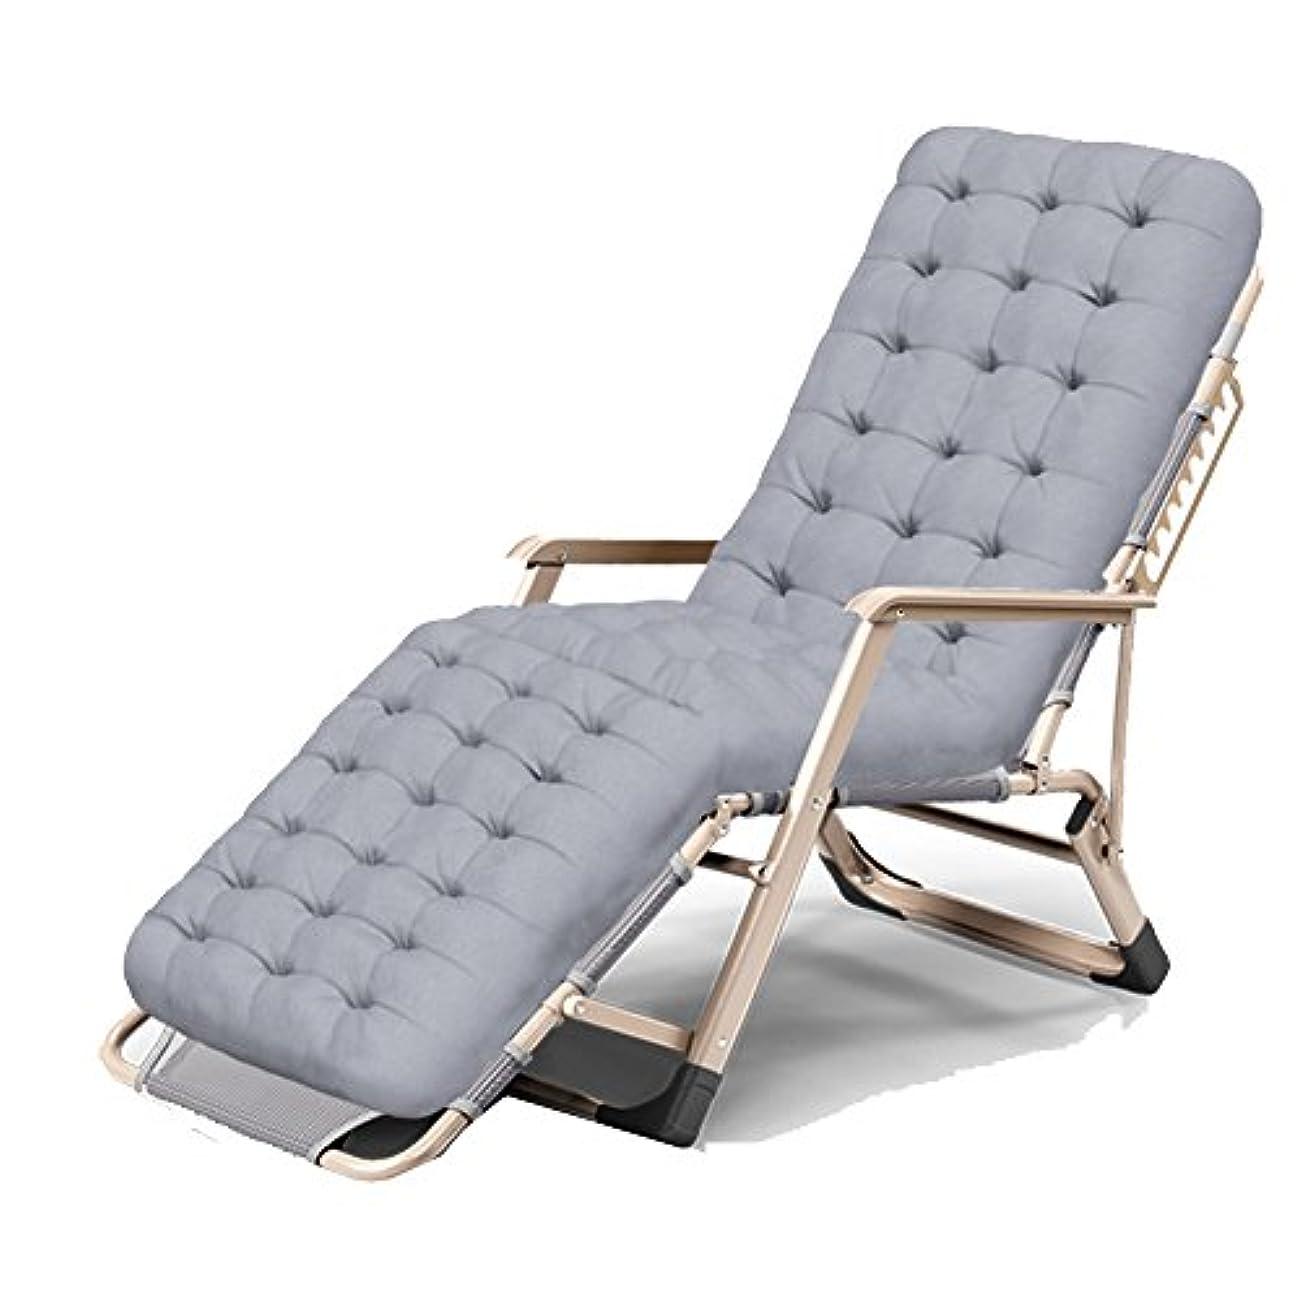 リハーサル商品モンゴメリーKTYXDE 折り畳み式ベッドランチベッド単純折りたたみ式リクライニング式寝袋 折りたたみ椅子 (色 : C)